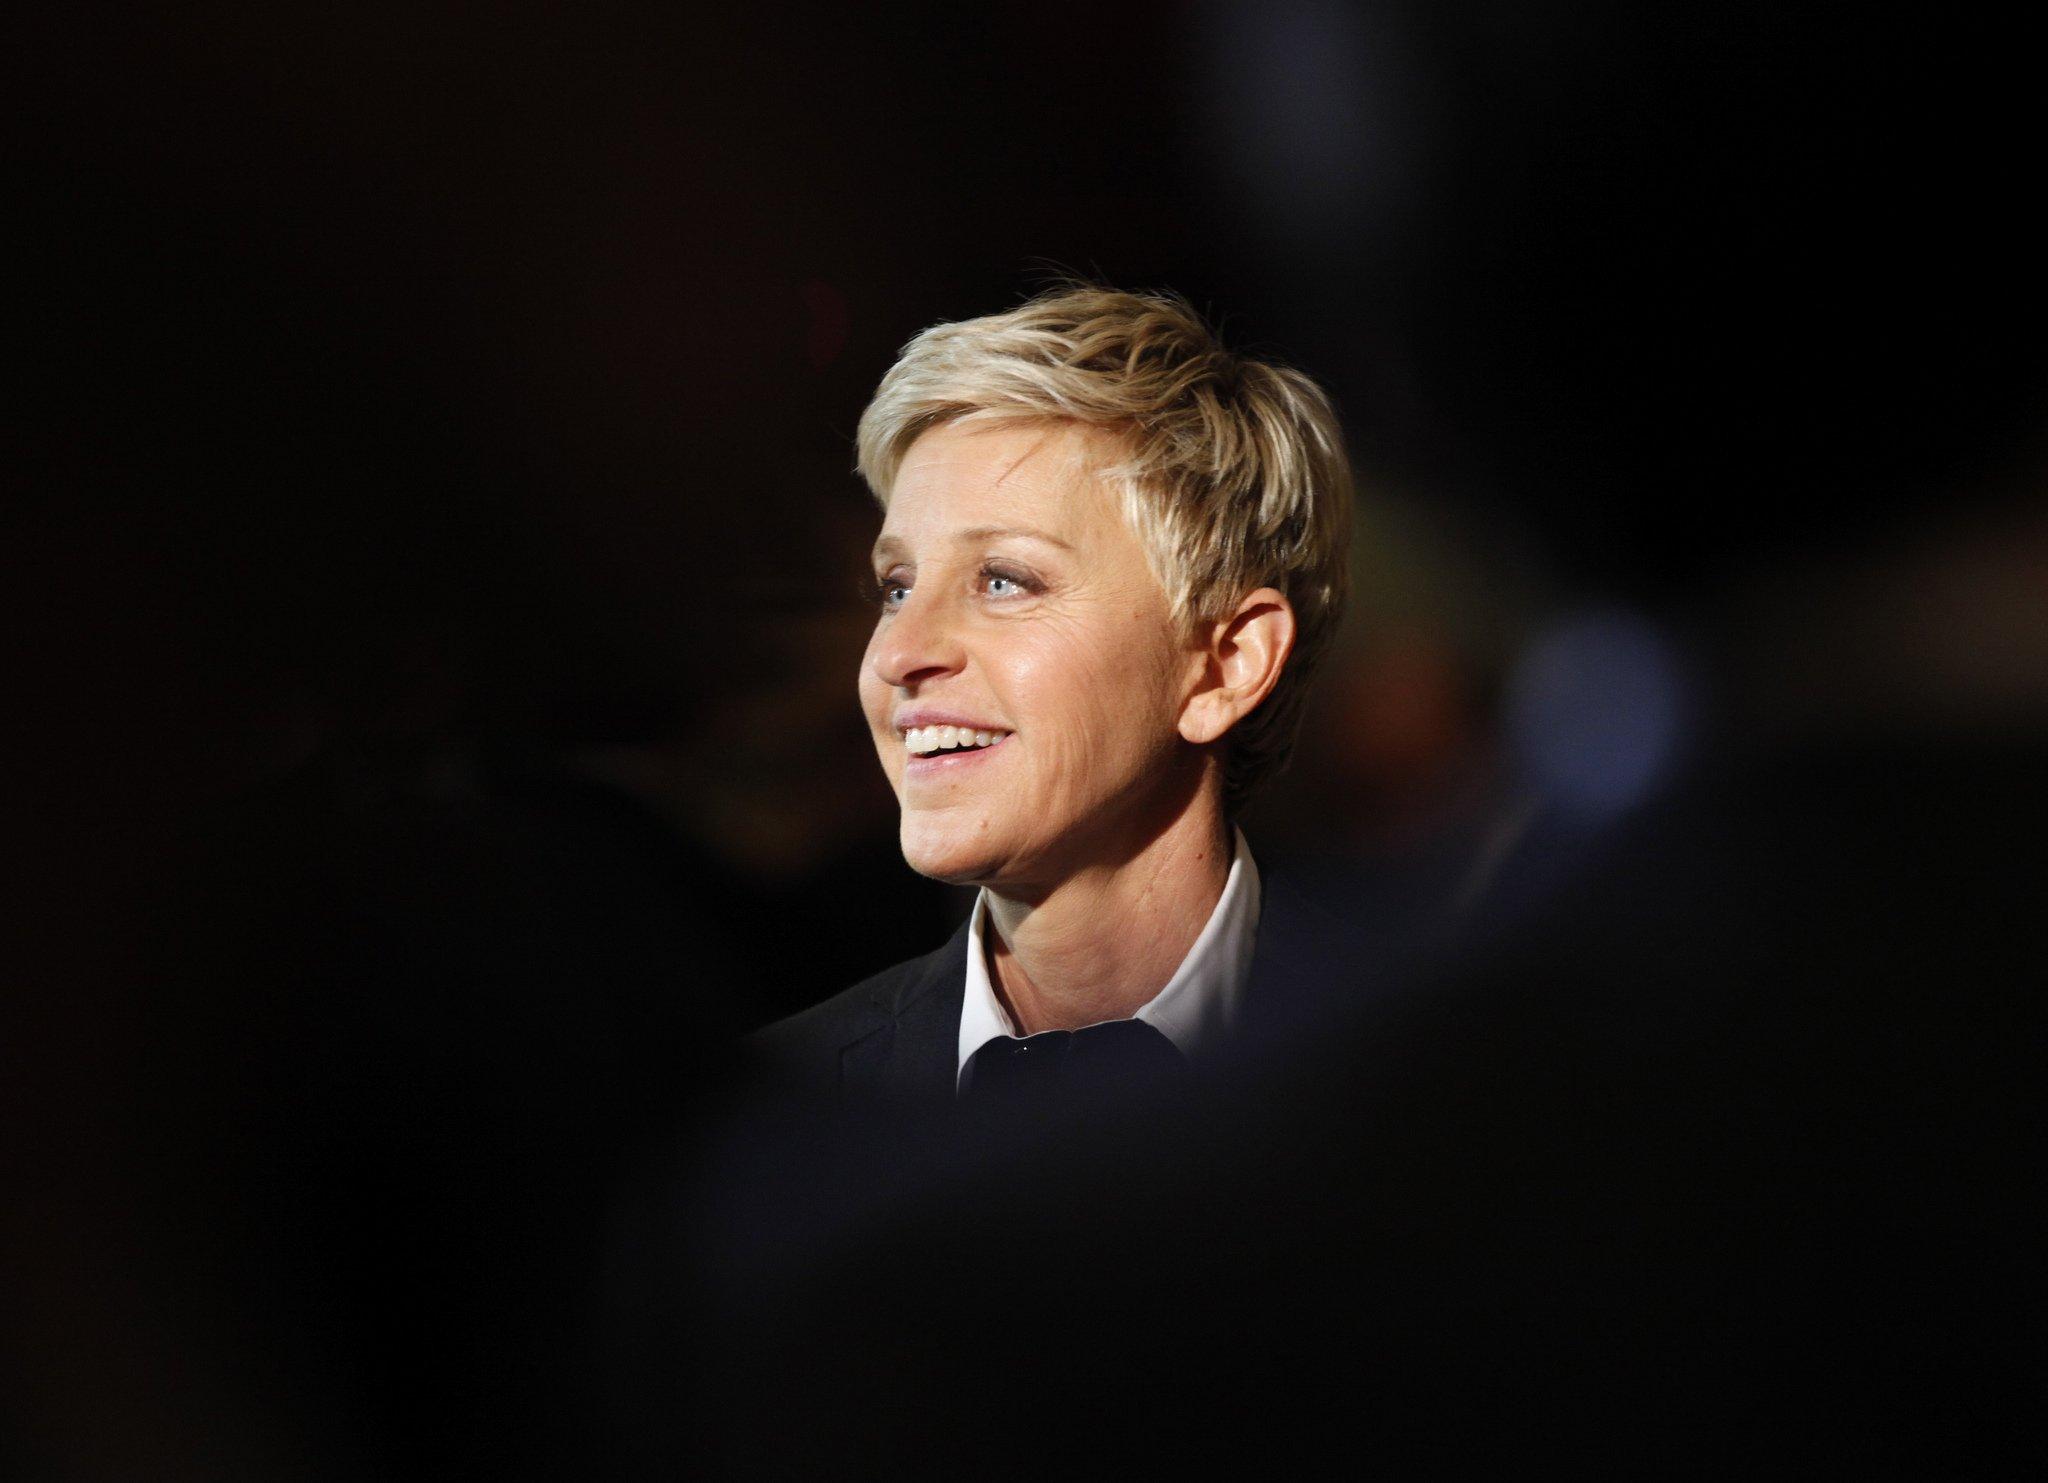 Ellen DeGeneres 2012 Imię i nazwisko Ellen Lee DeGeneres Data i miejsce urodzenia 26 stycznia 1958 Metairie Stany Zjednoczone Zawód aktorka scenarzystka